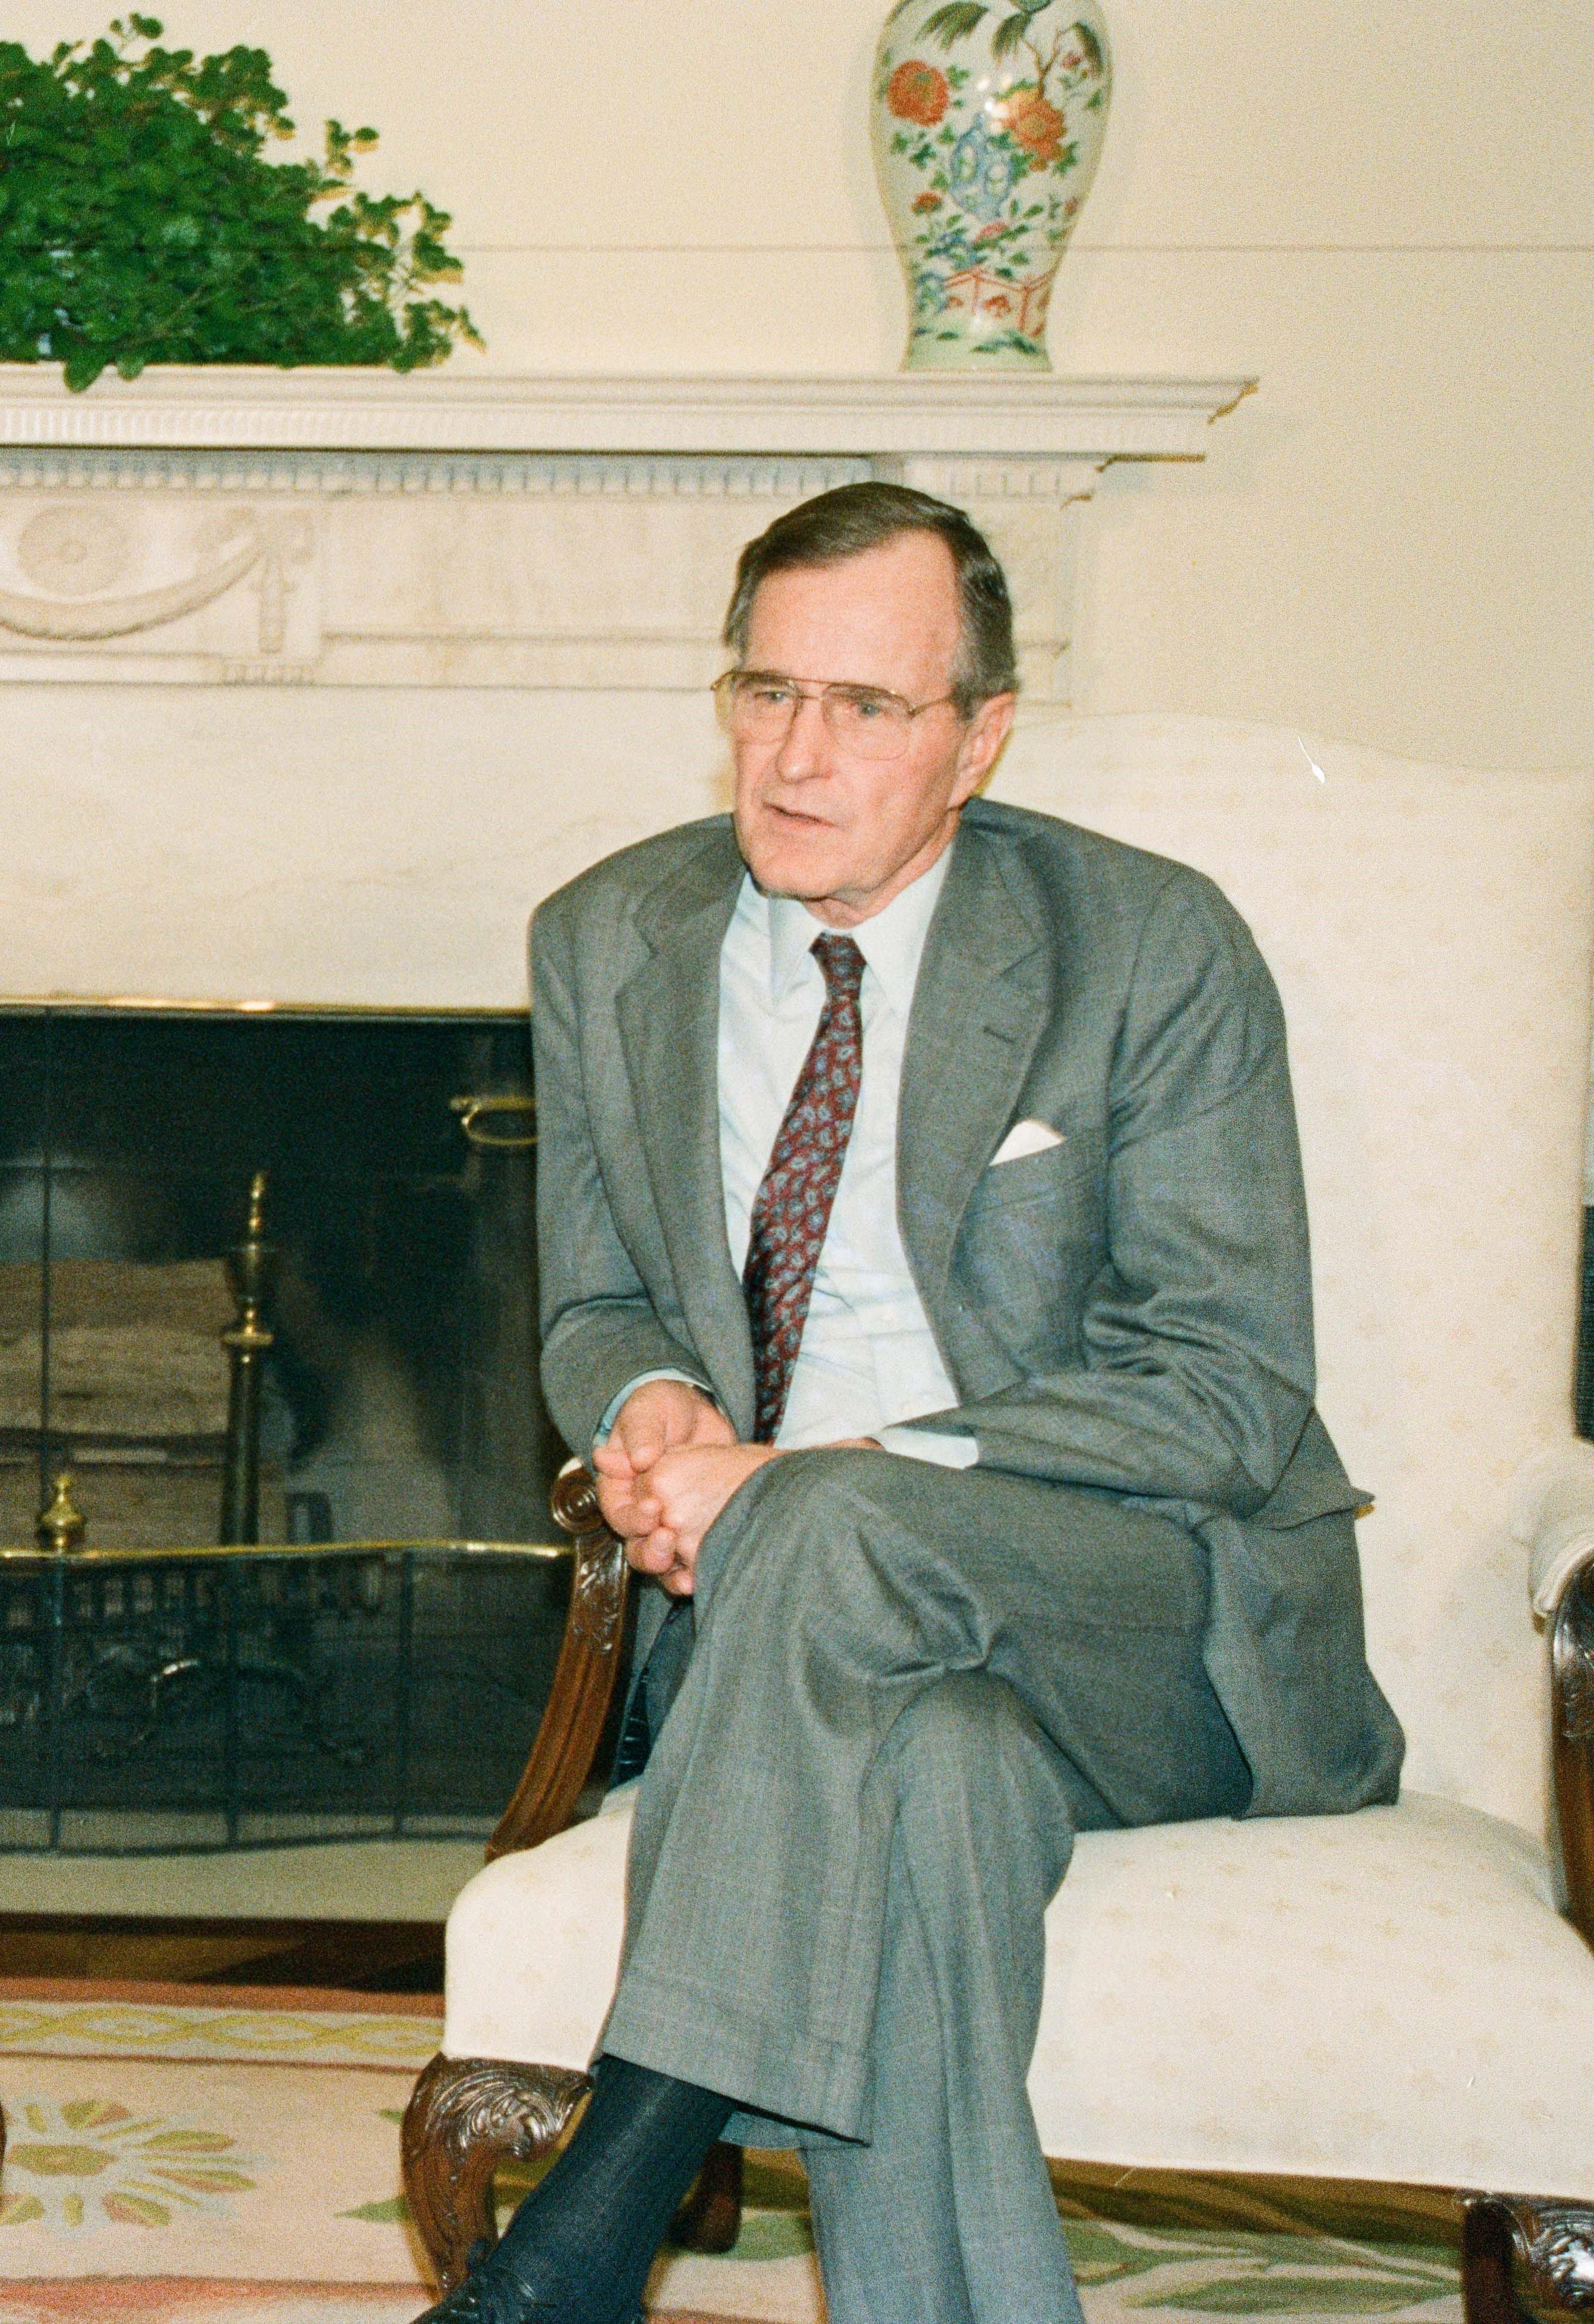 George Bush père est décédé à l'âge de 94